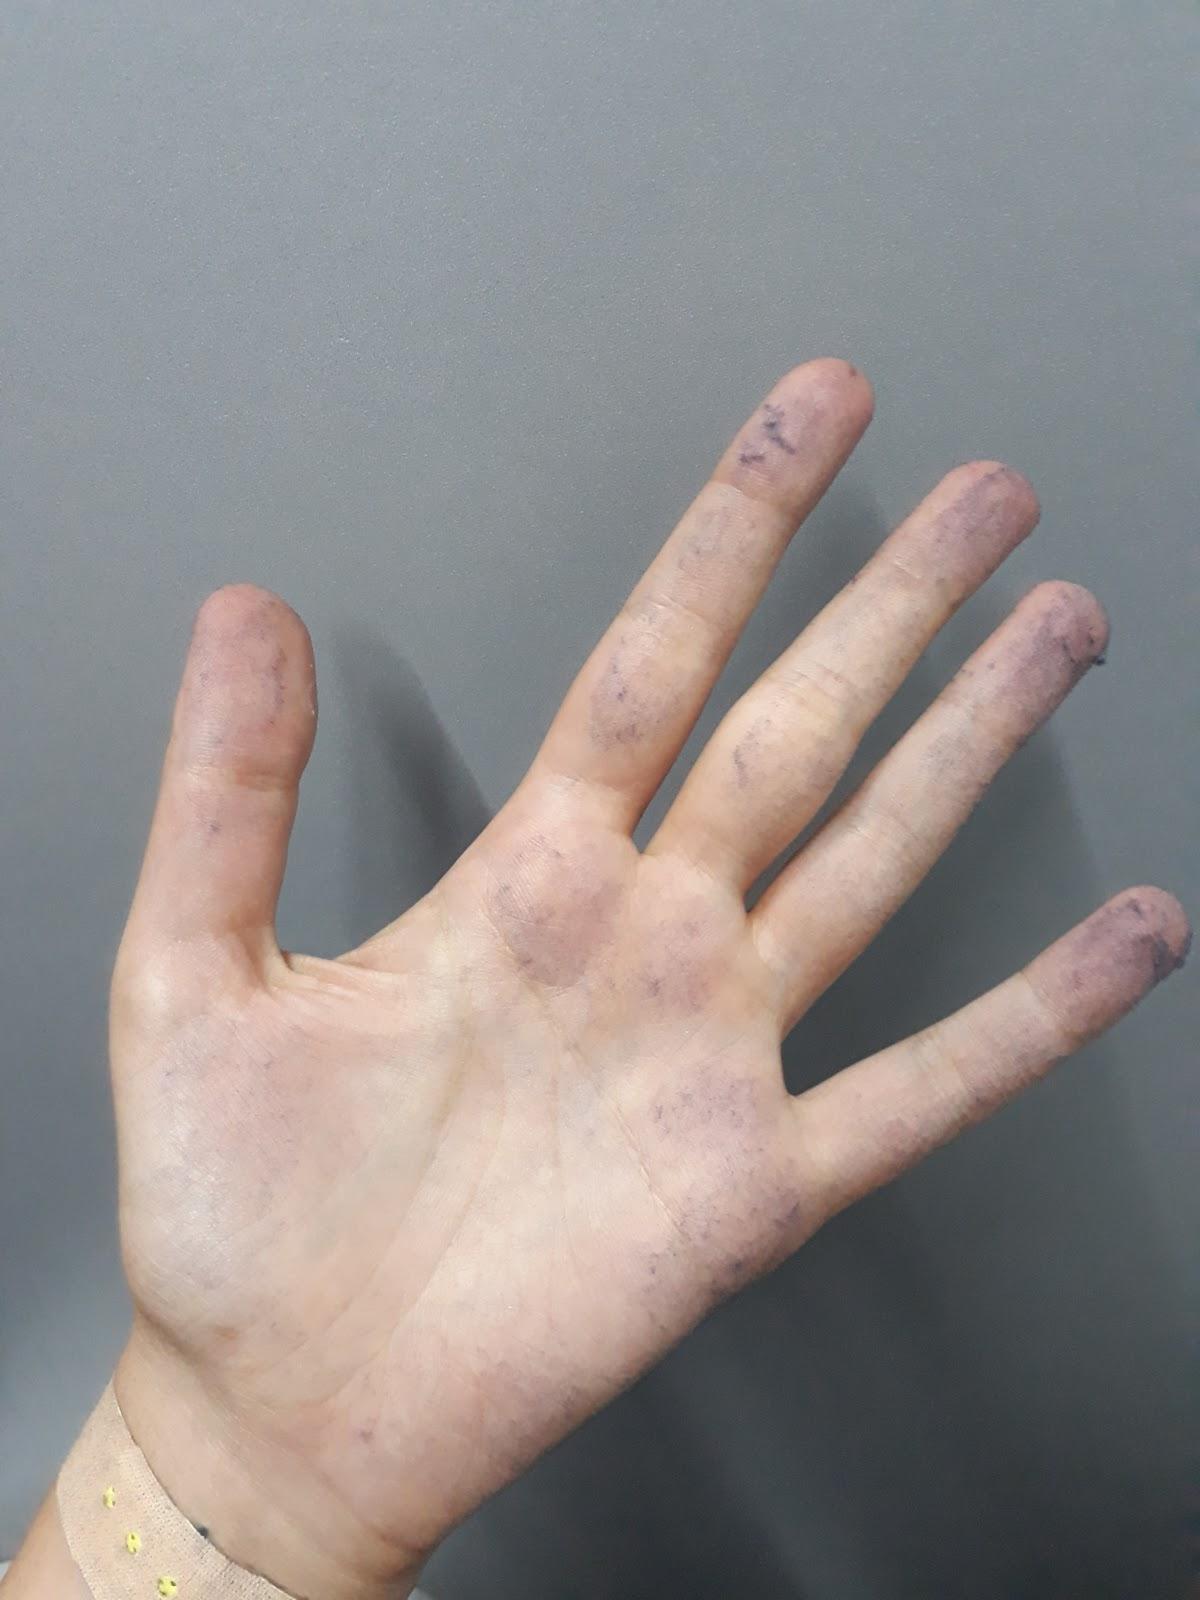 При работе с джинсами остаётся слой синей пыли на всех поверхностях, а также на руках рабочих. Фото: Тамуна Чкареули